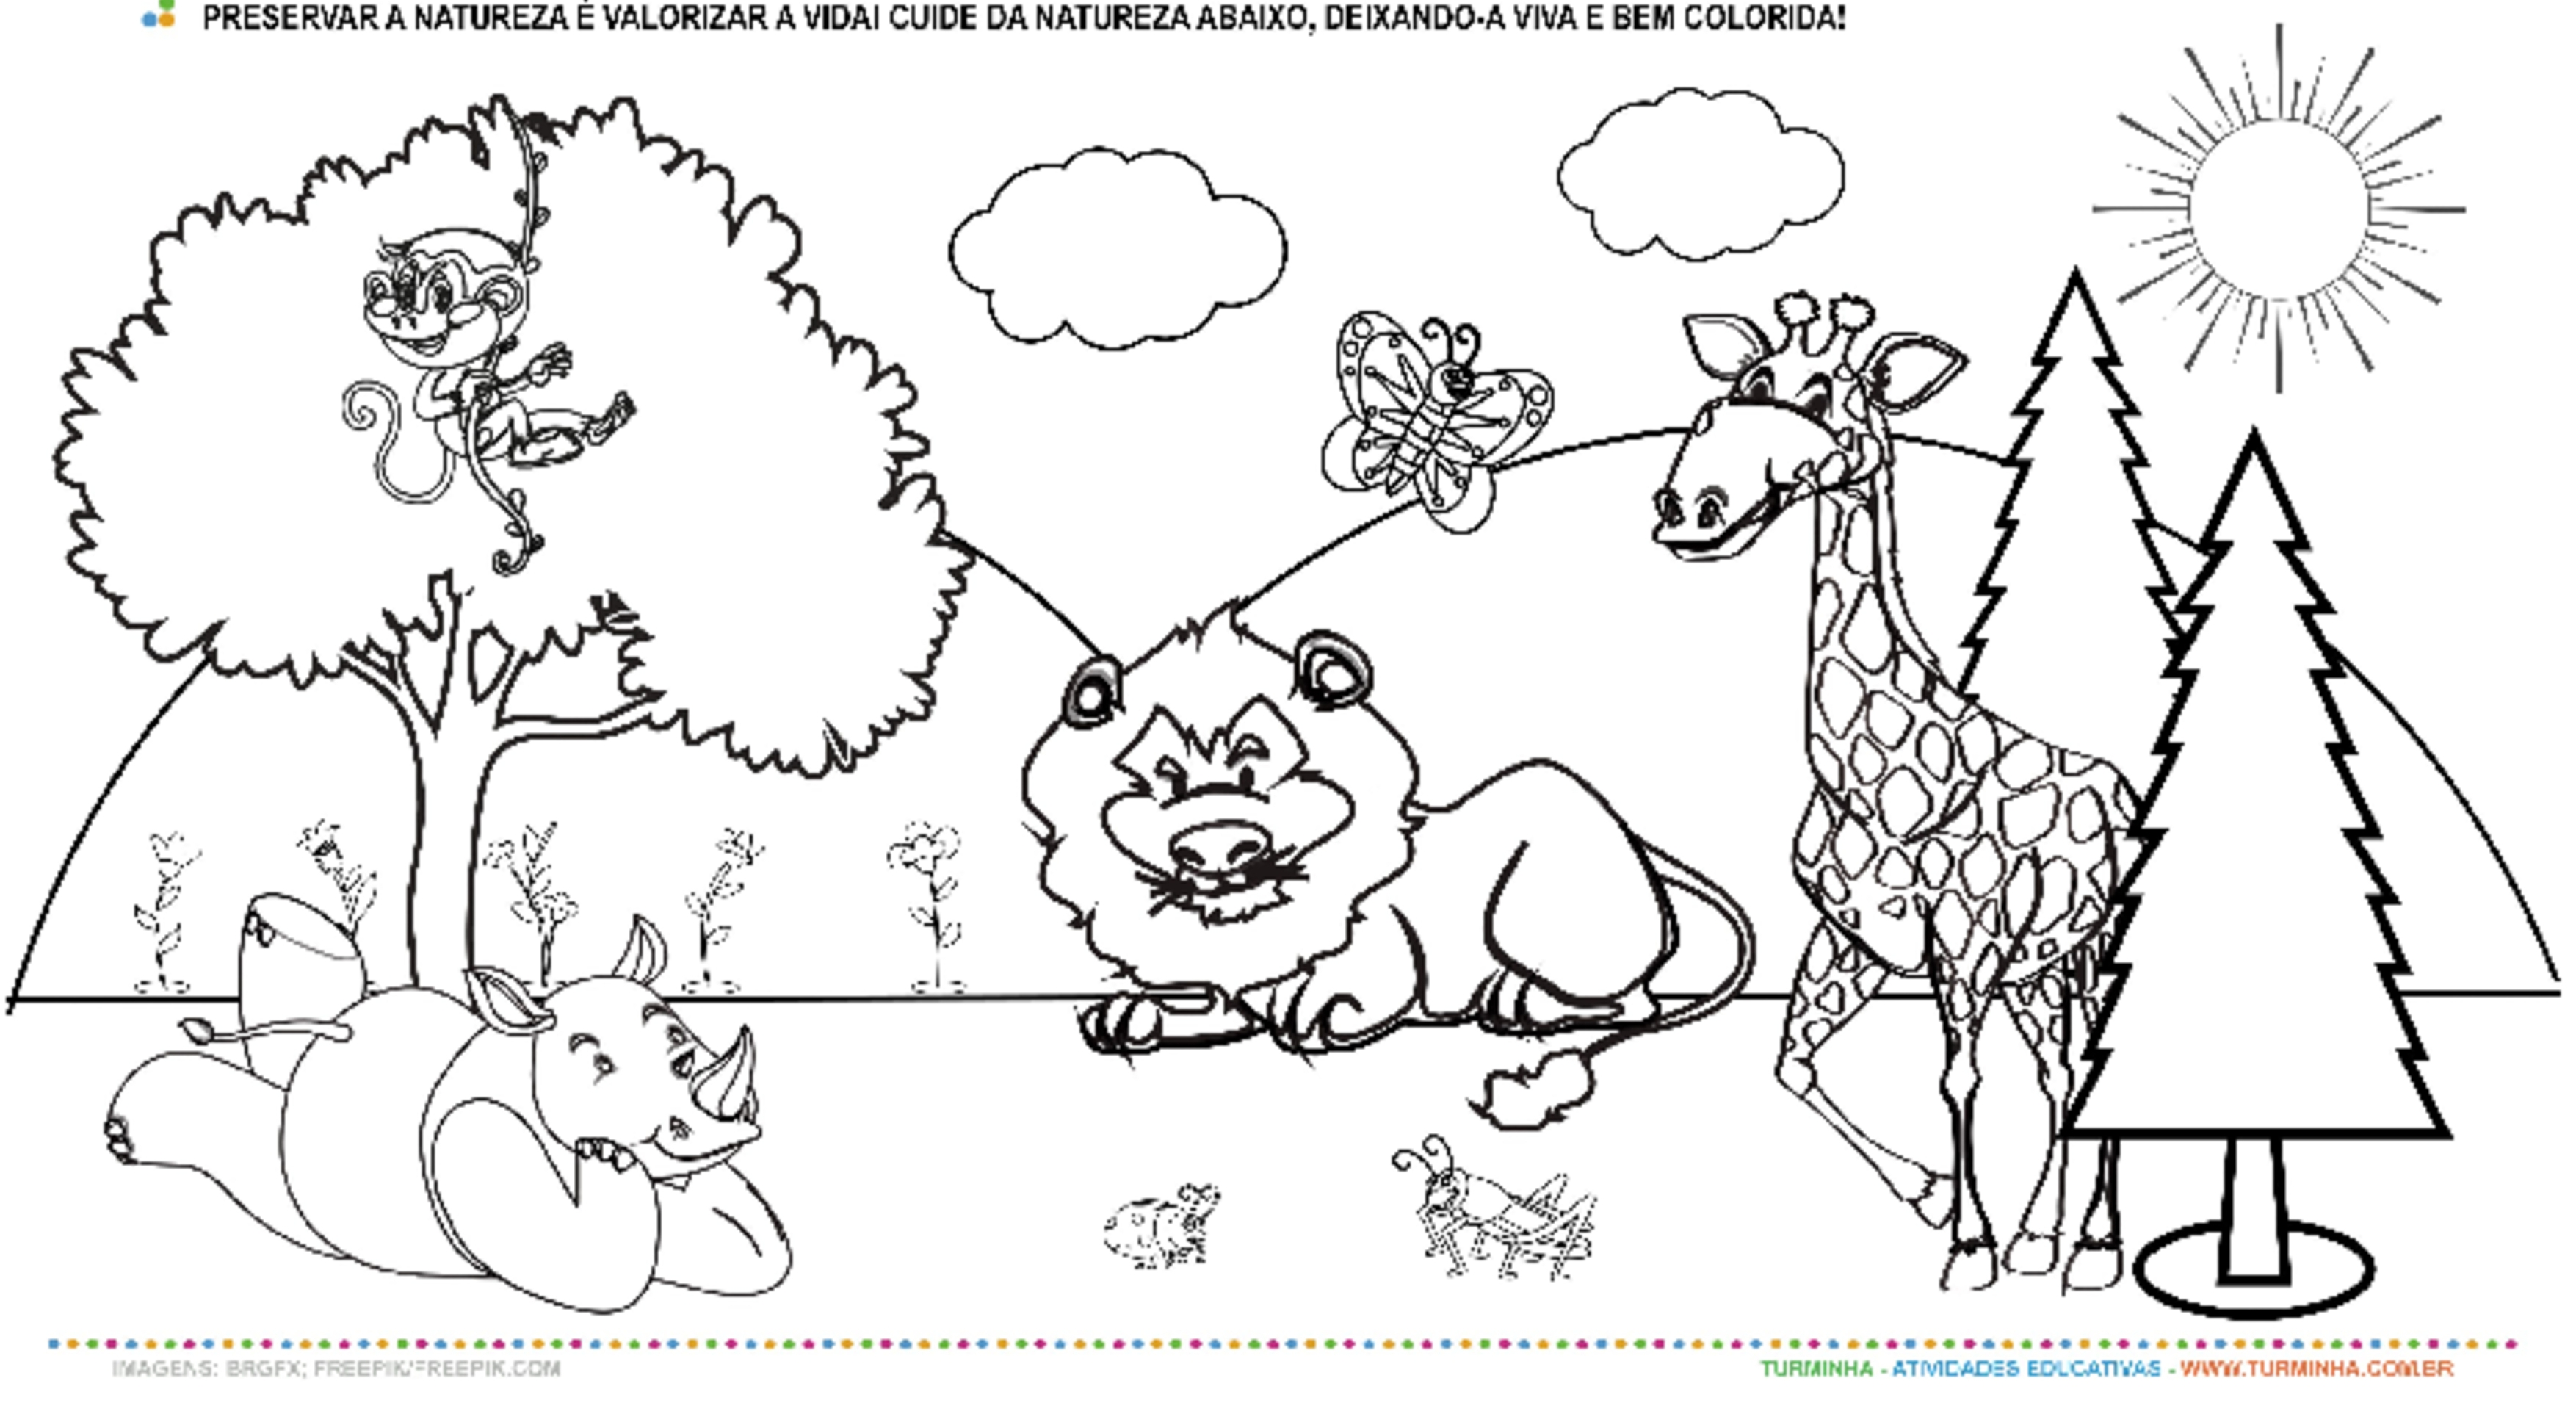 Colorindo A Natureza Atividade Educativa Para Pré Escola